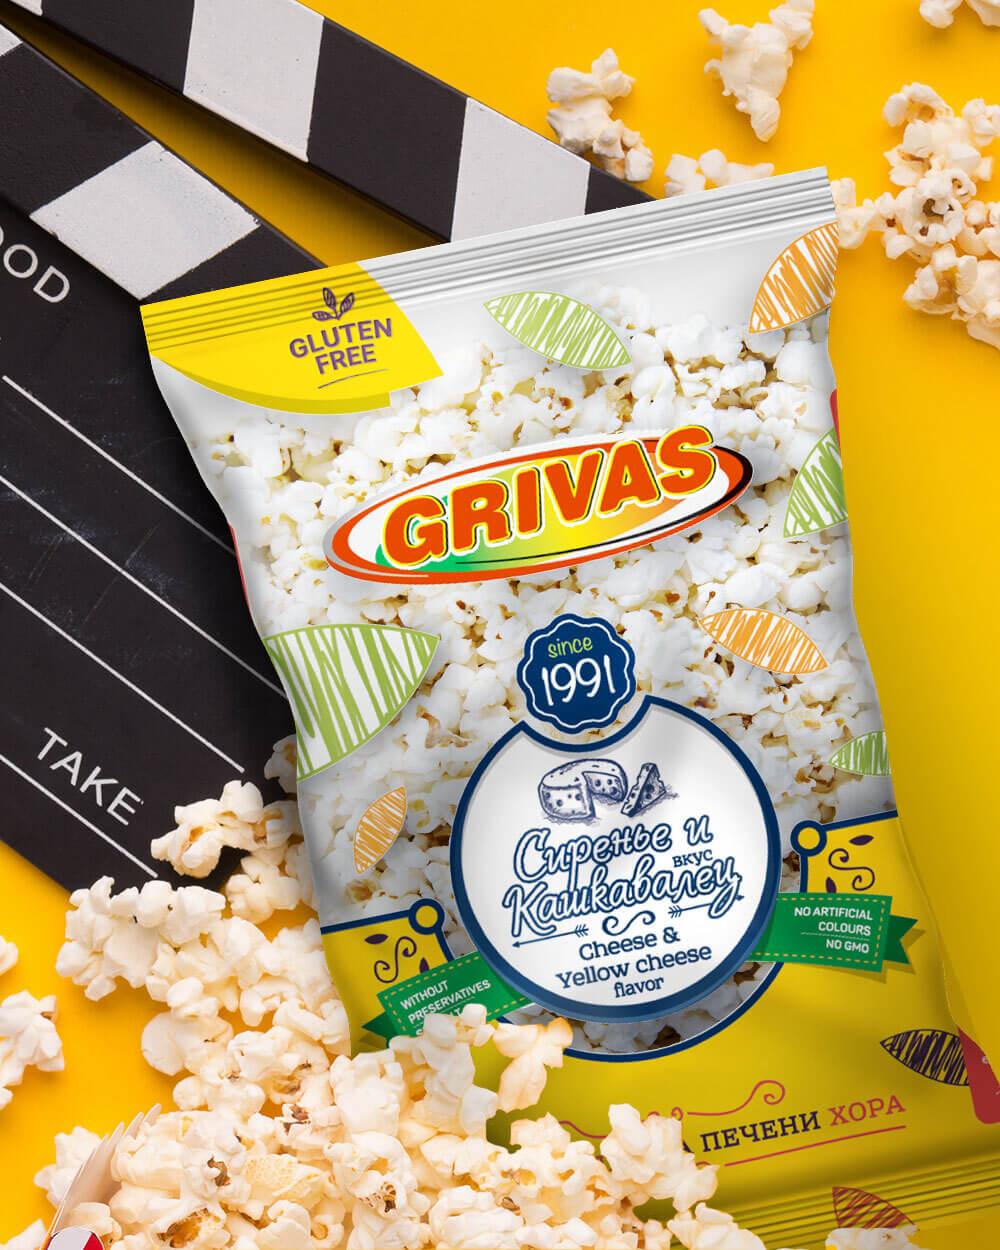 Пакет безглутенови пуканки със сирене и кашкавал - Гривас